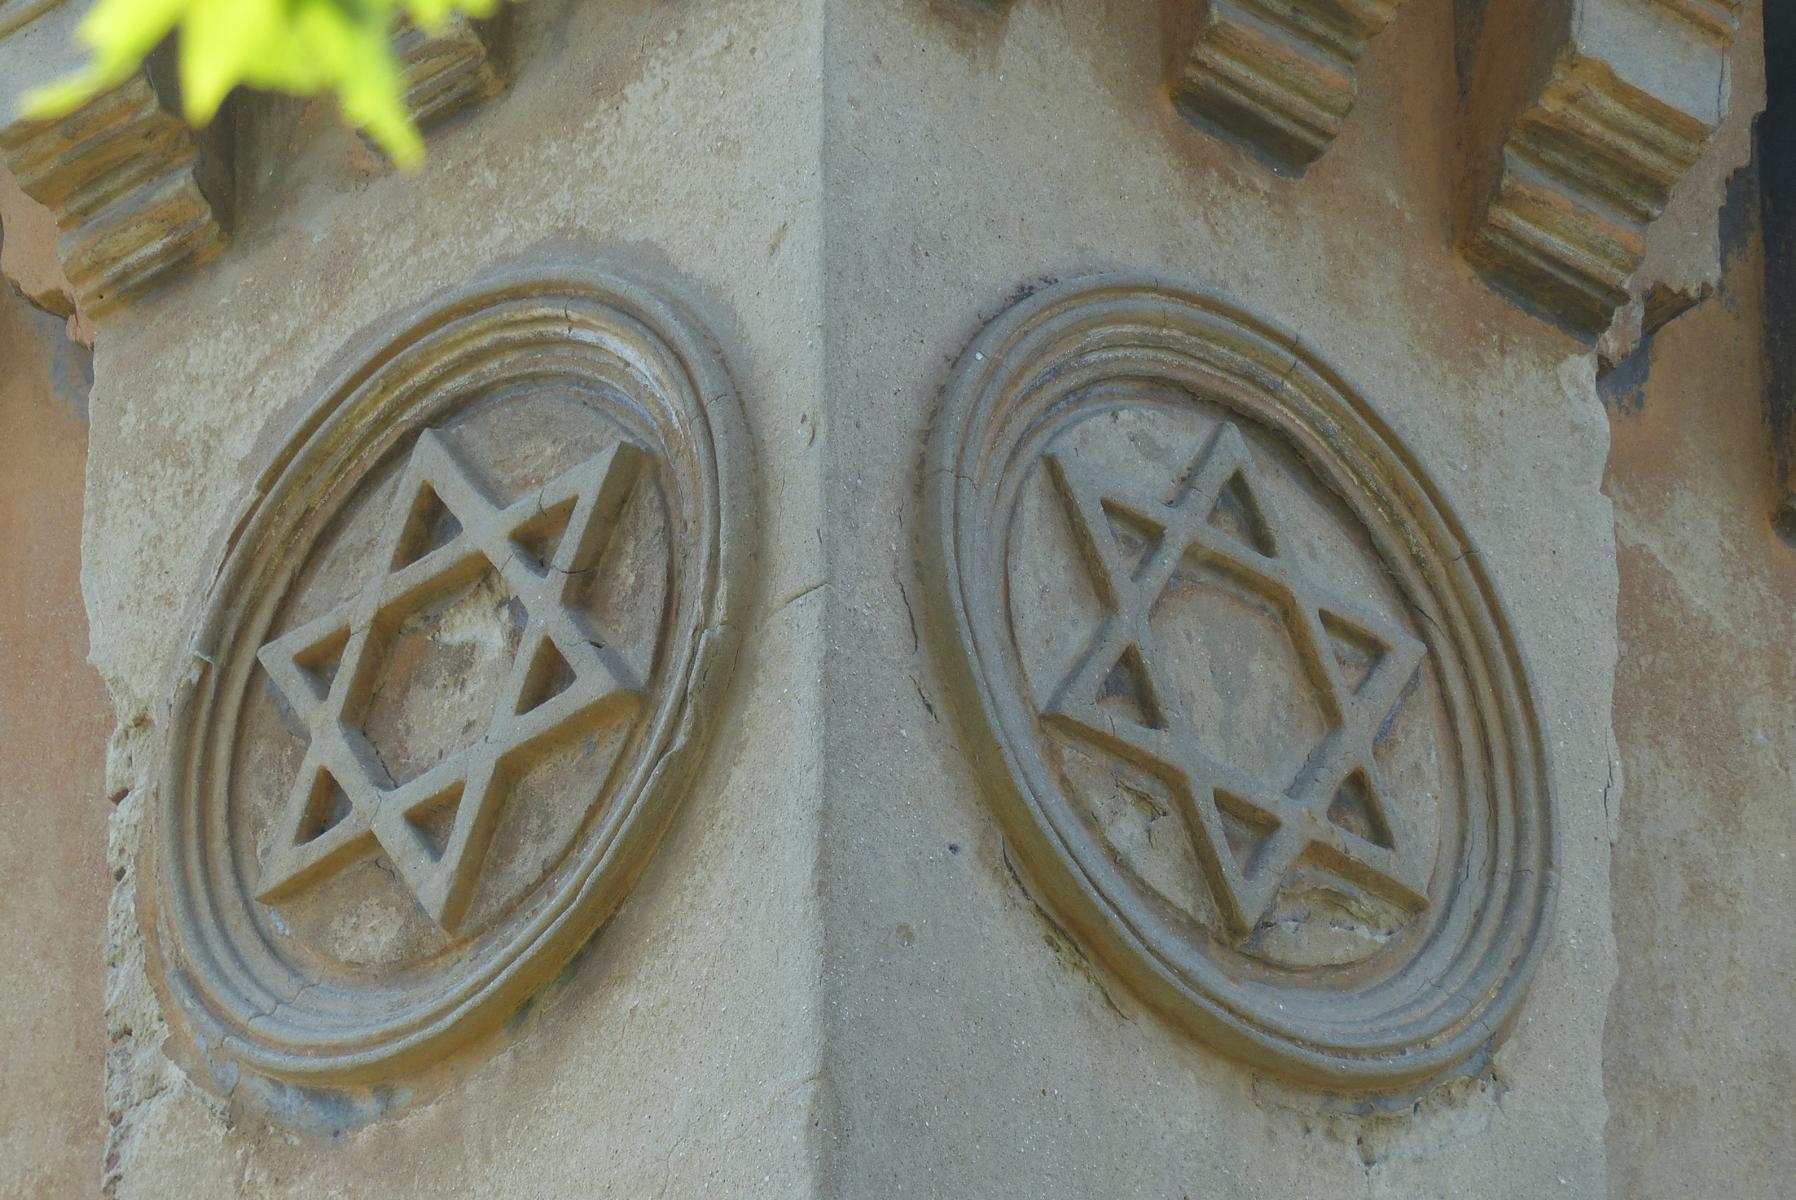 In Vidin lebten bis Kriegsende 48.000 Juden, die nicht an die verbündeten Nazis ausgeliefert wurden. Nach 1945 emigrierte die jüdische Bevölkerung nach Israel. Davon hat sich die Stadt nie wieder erholt.